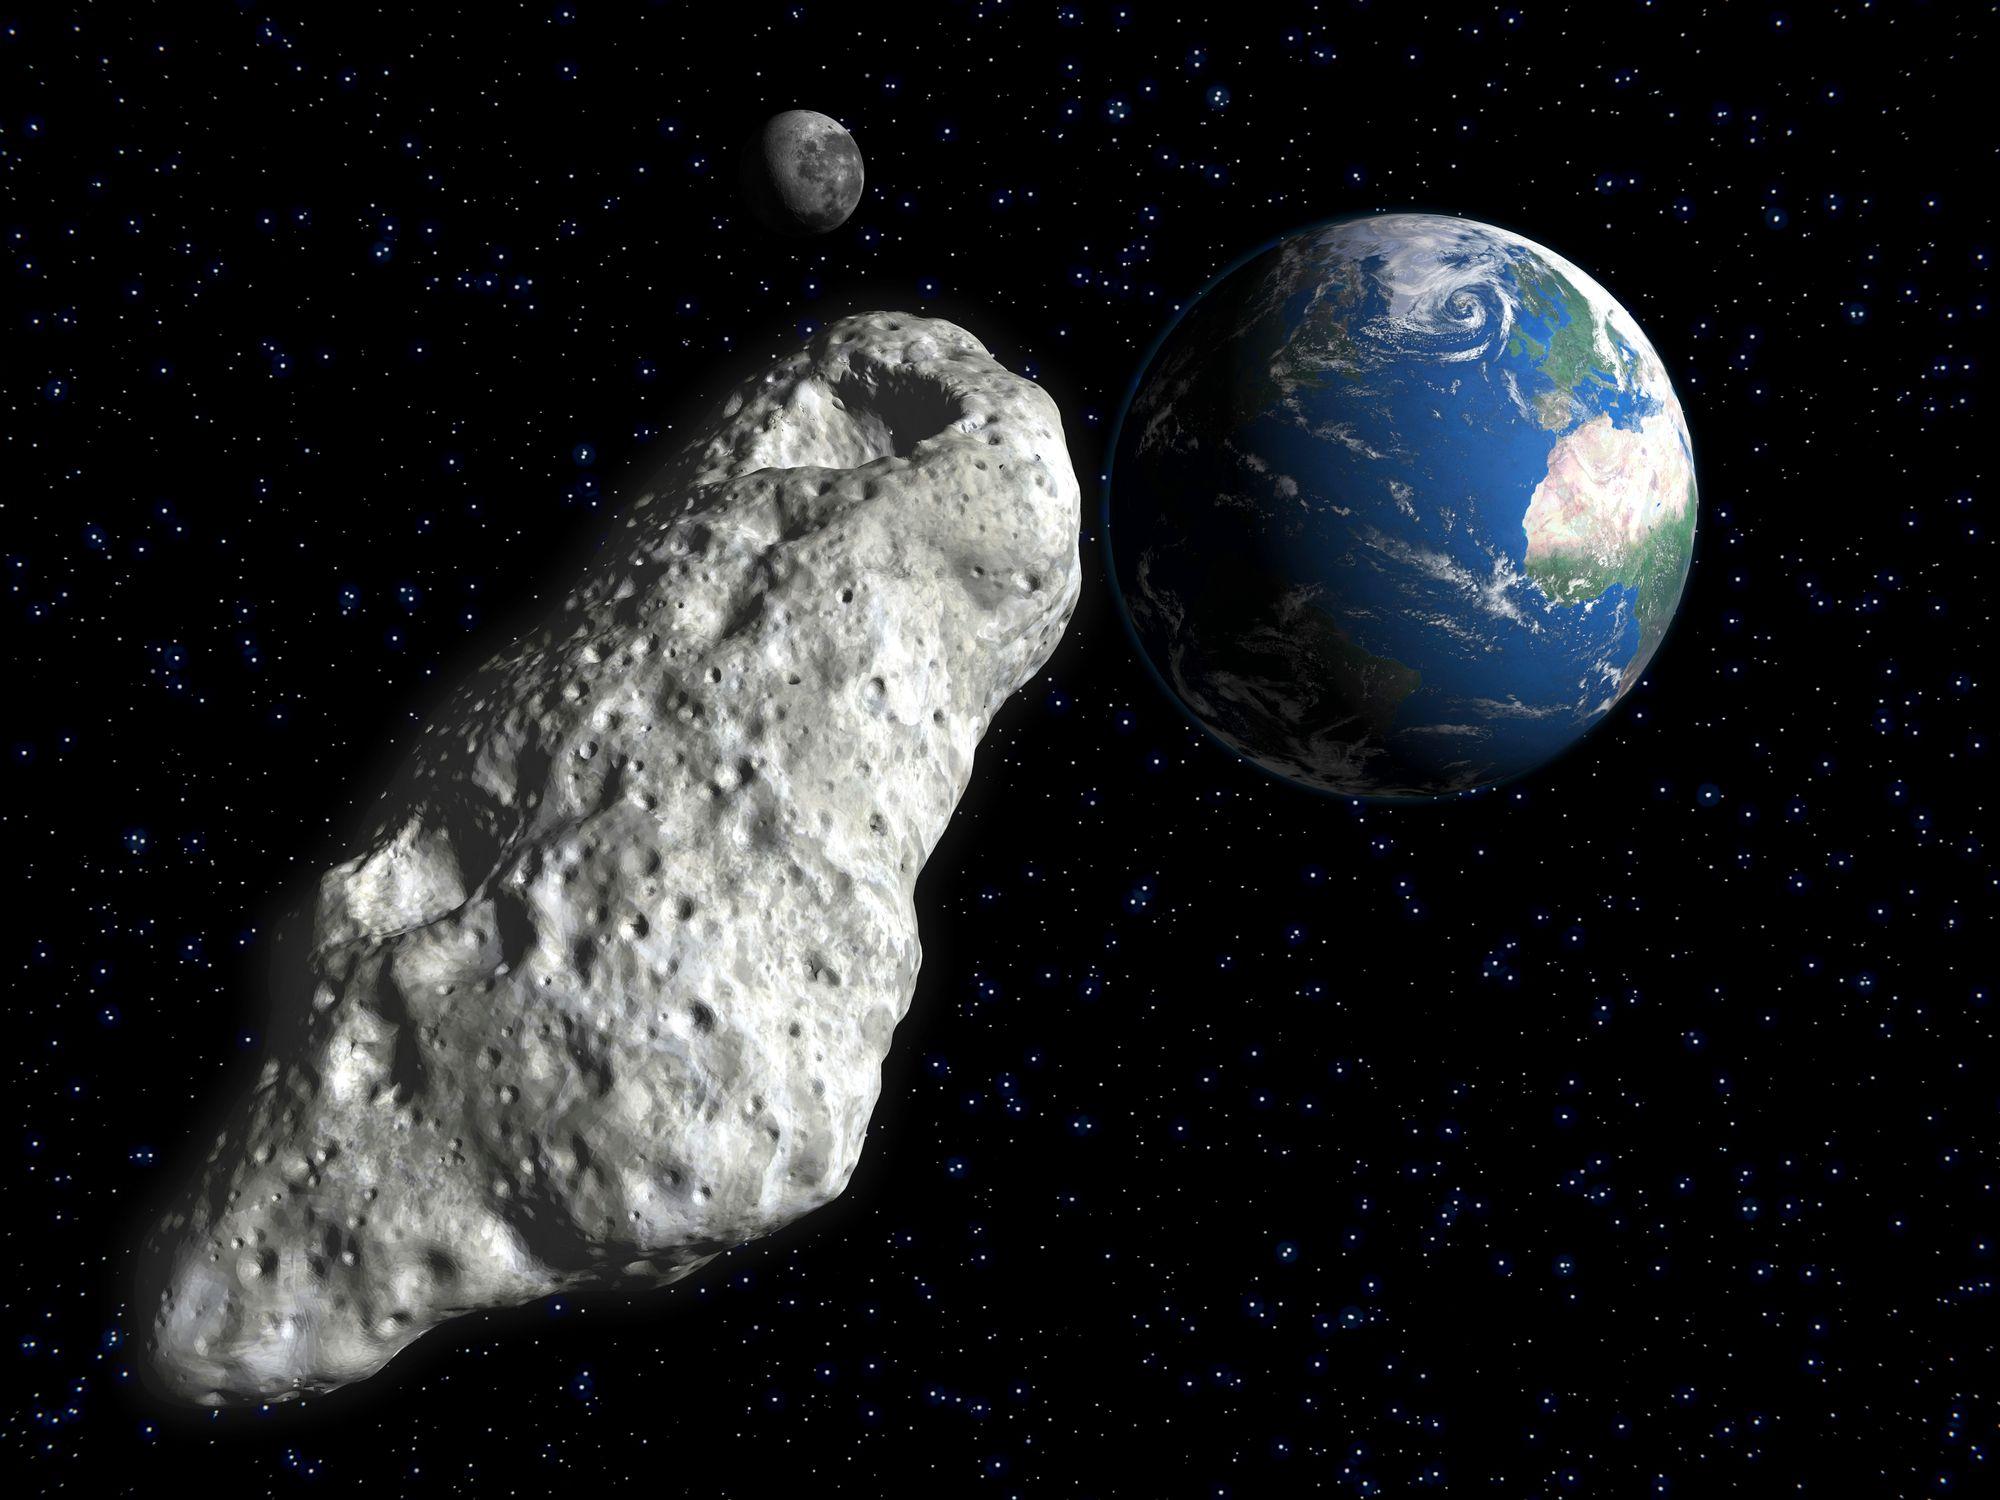 Vue d'artiste montrant un astéroïde, la Terre et la Lune.